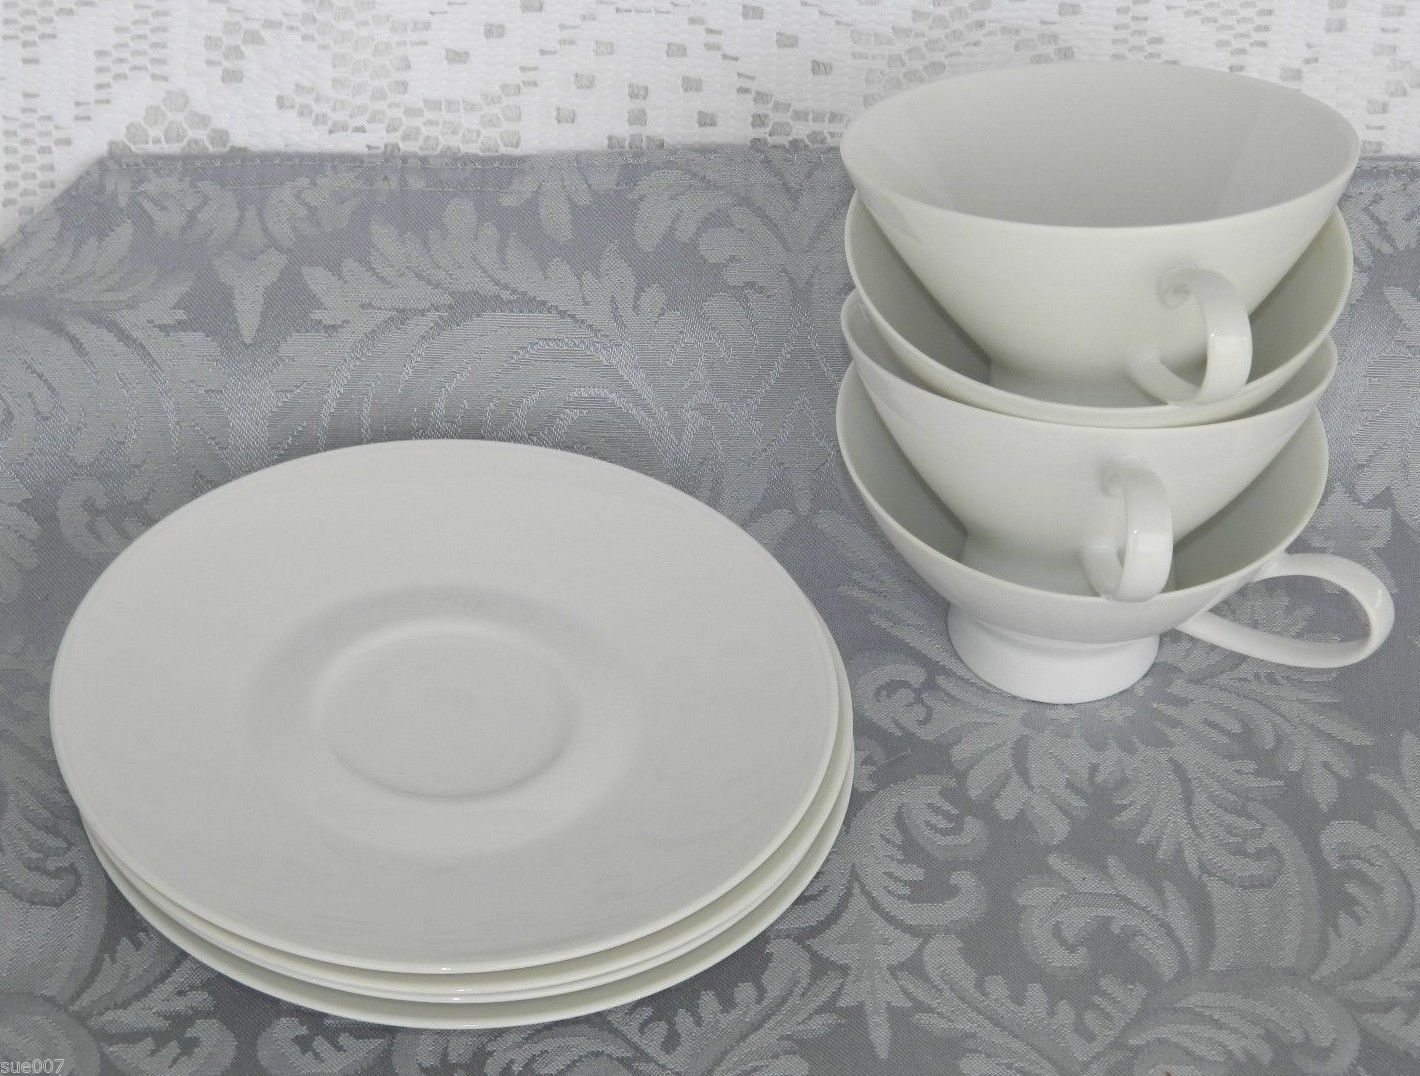 Rosenthal Dinnerware Germany & ROSENTHAL - Selb-Plossberg - Bavaria